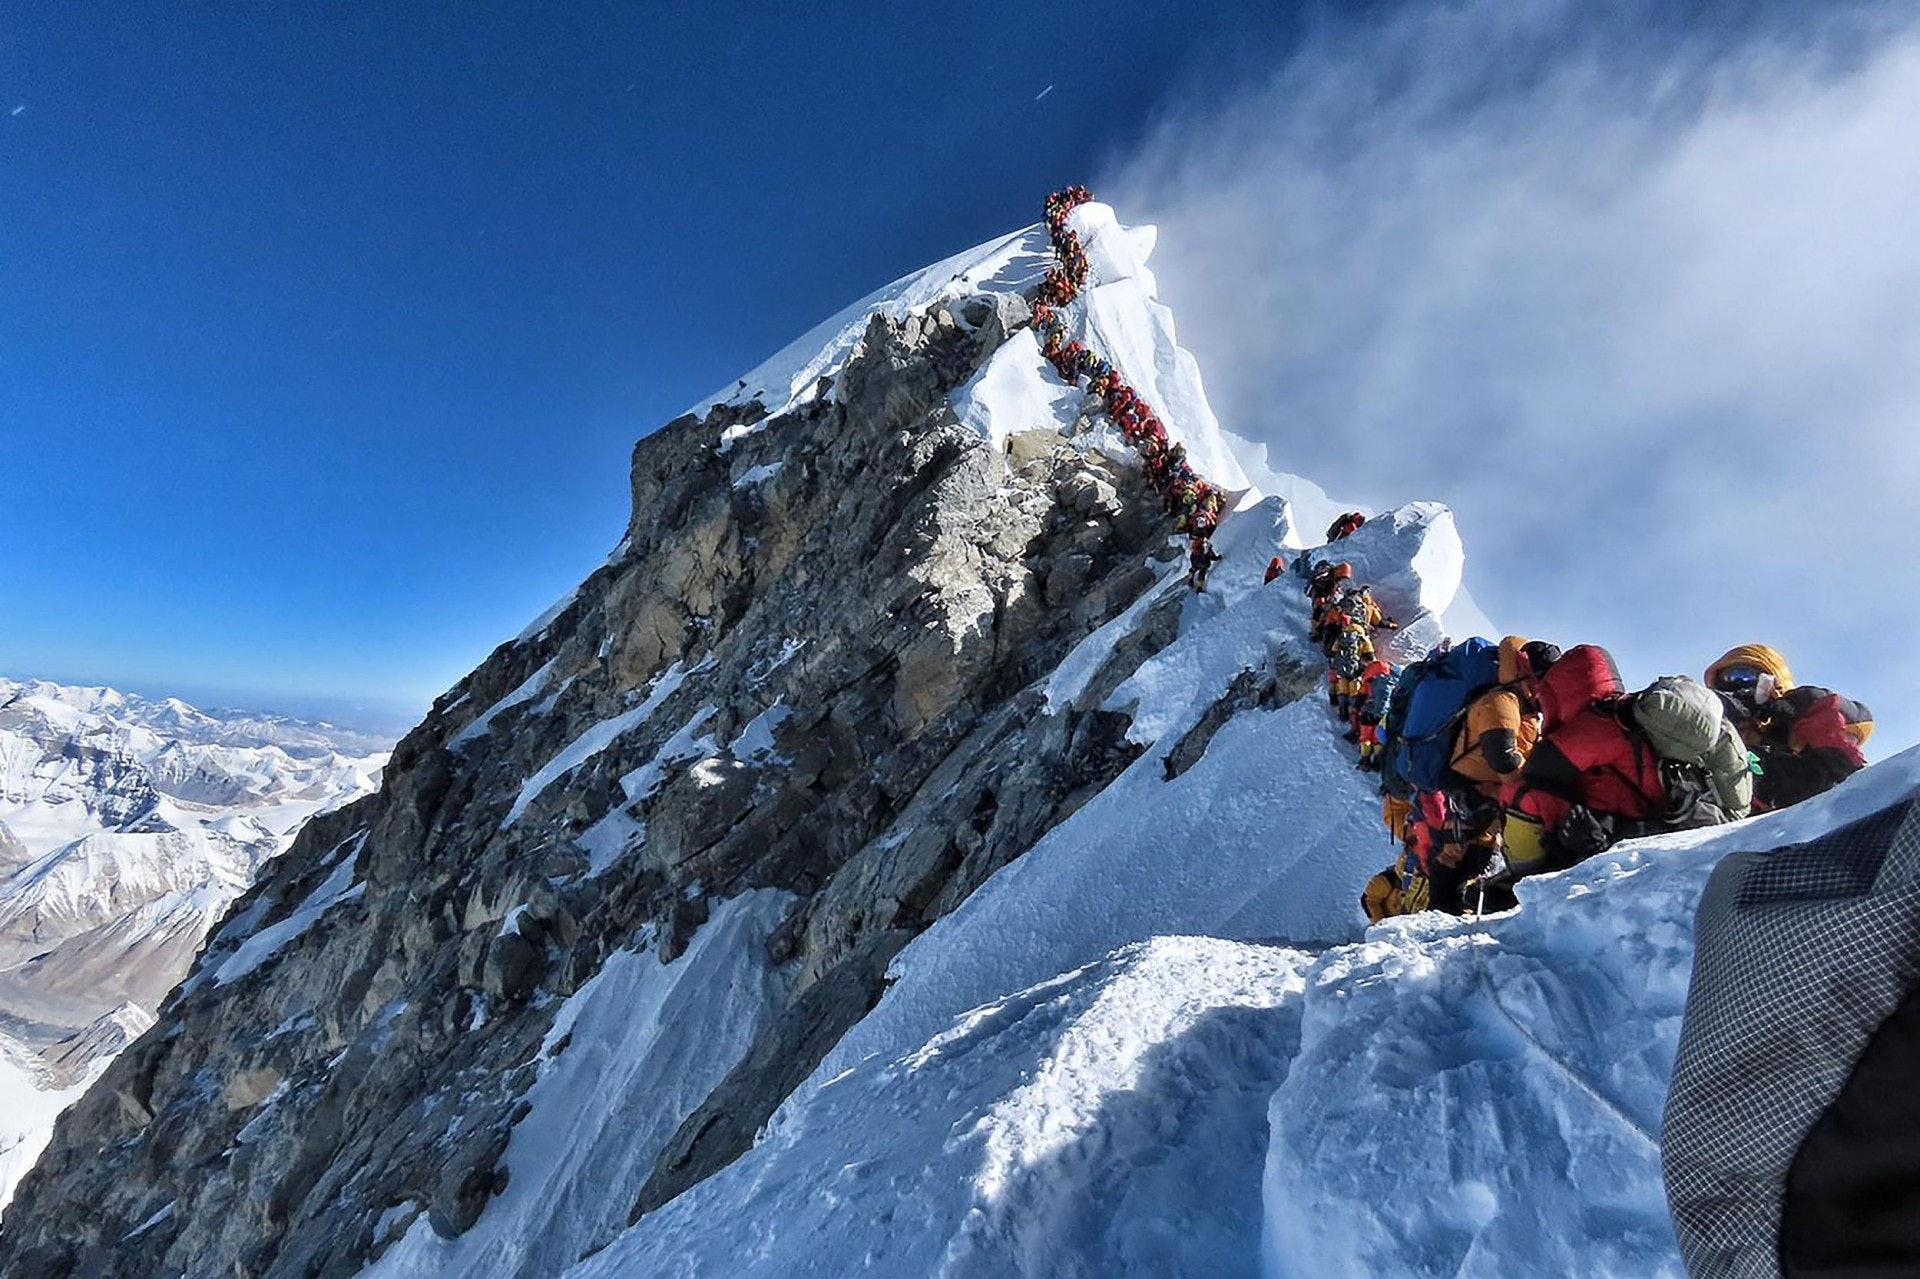 本月22、23日好天氣良好,吸引大批登山客一窩蜂湧到珠穆朗瑪峰山上,冒著體力透支和缺氧風險,在長長人龍中等待攻頂,但有人因長期暴露於嚴寒天氣下死亡。(法新社)